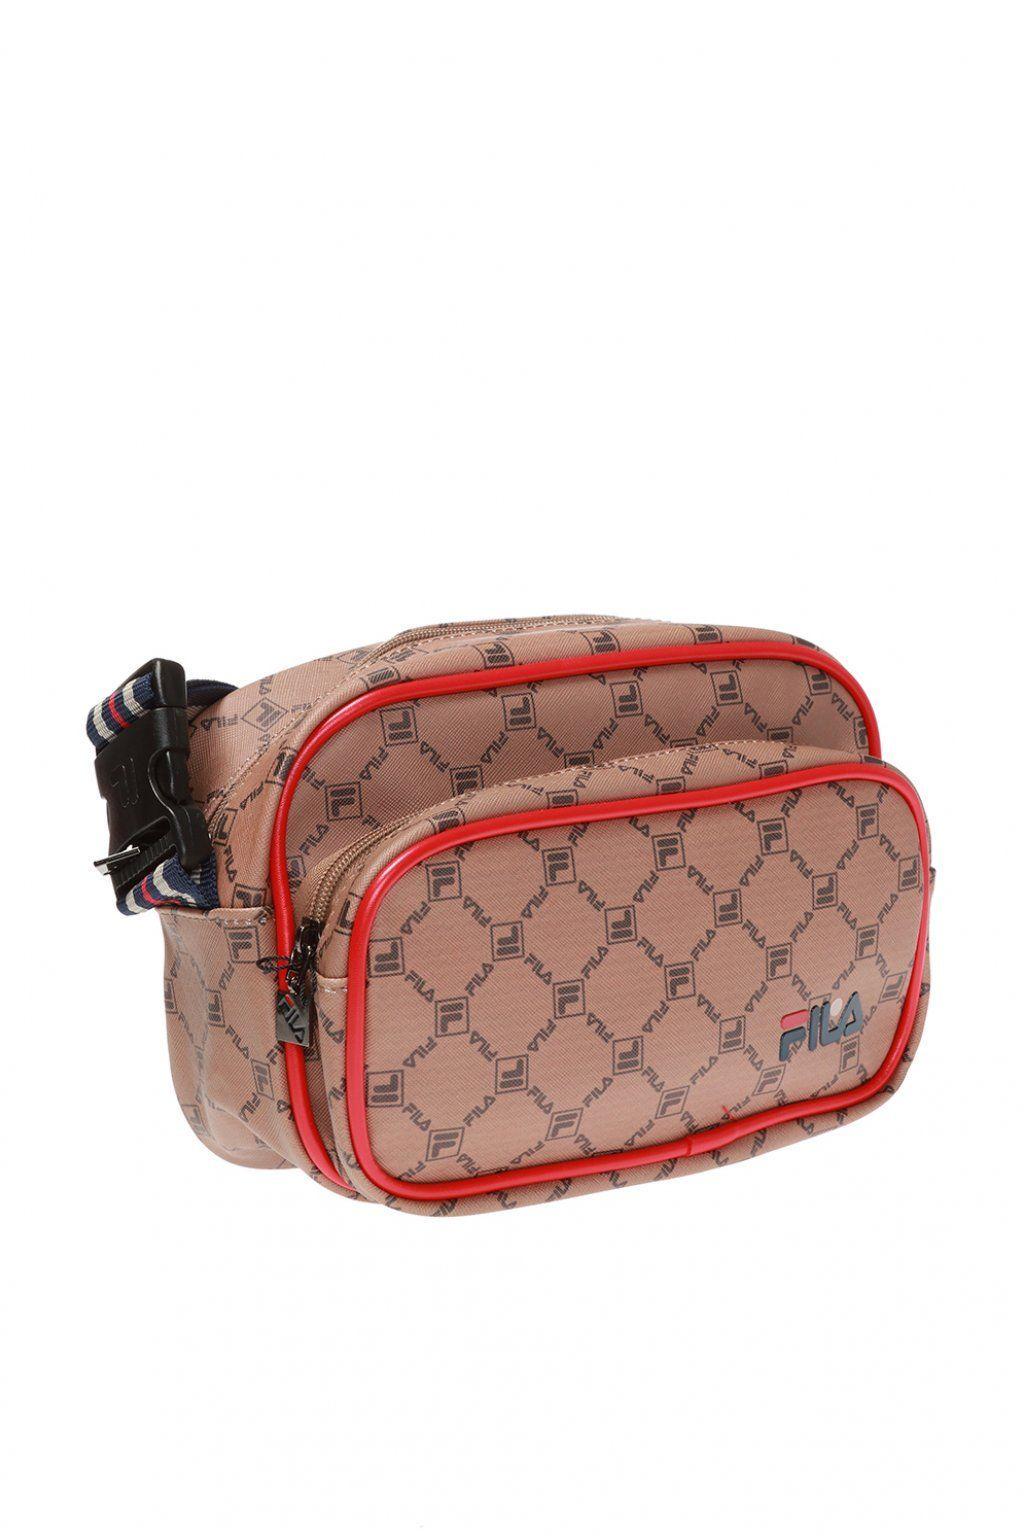 FILA  MEN'S 685087A414 PINK SYNTHETIC FIBERS MESSENGER BAG